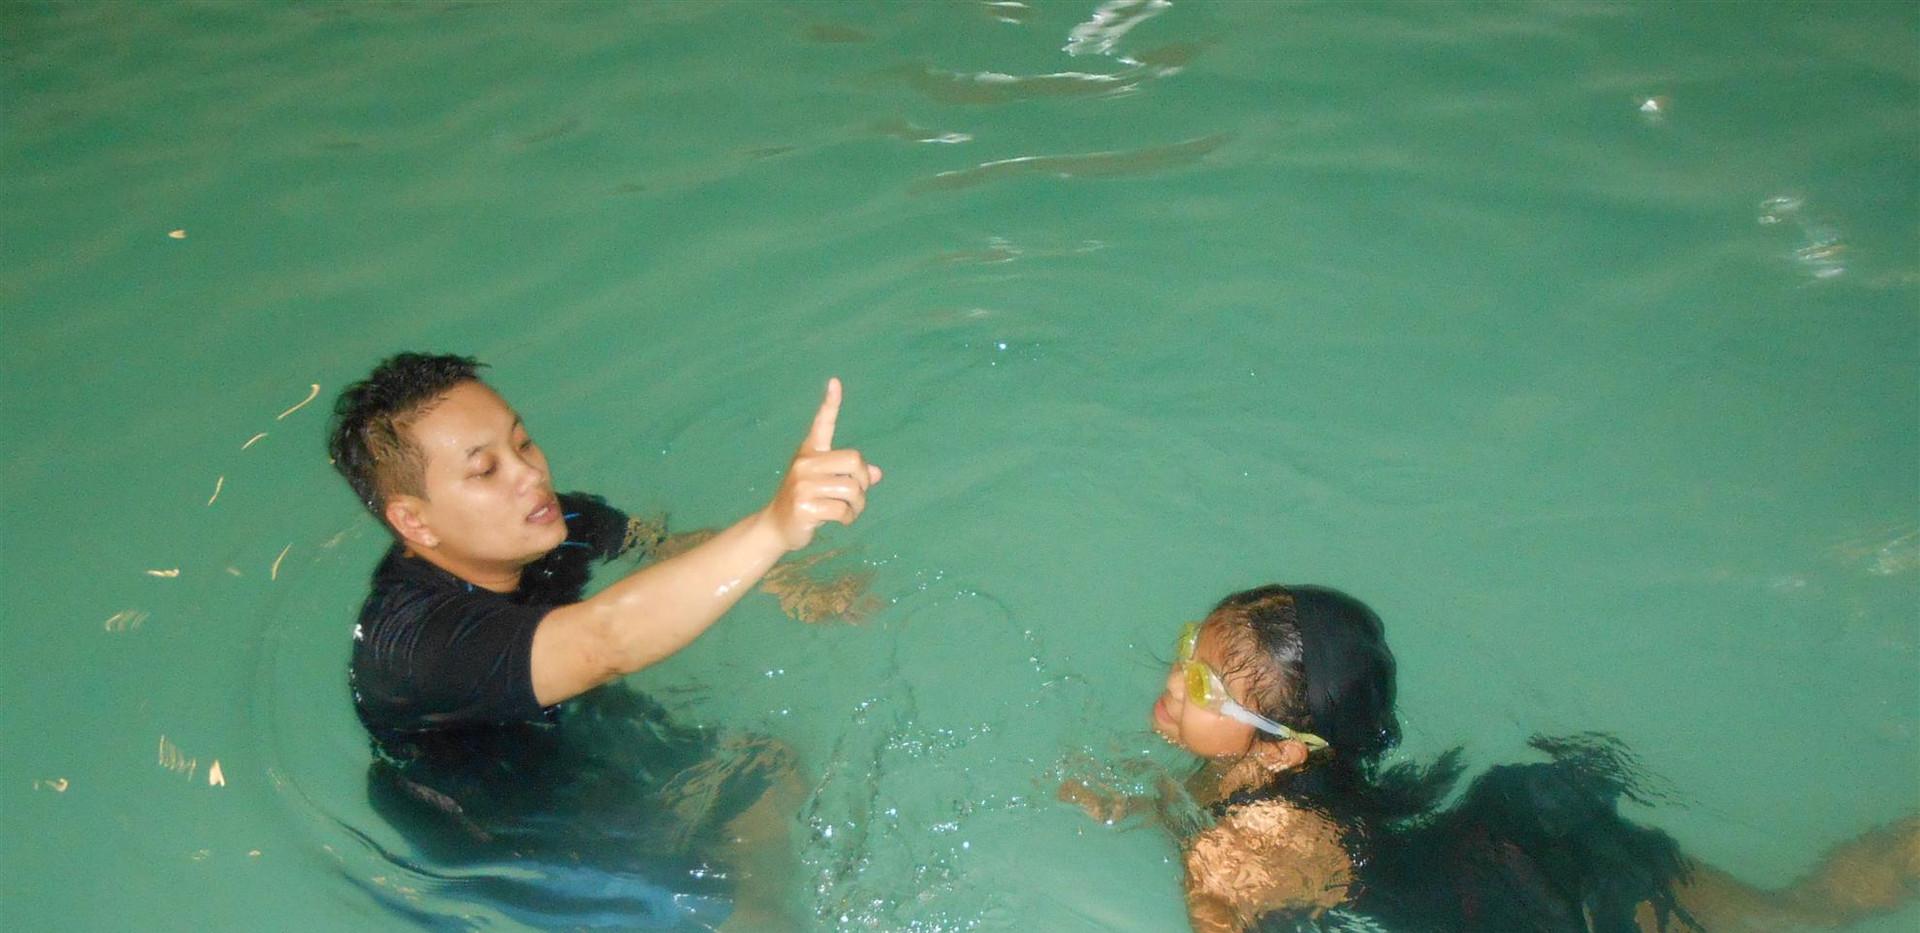 Rotary-June-swim-1 (1).jpg